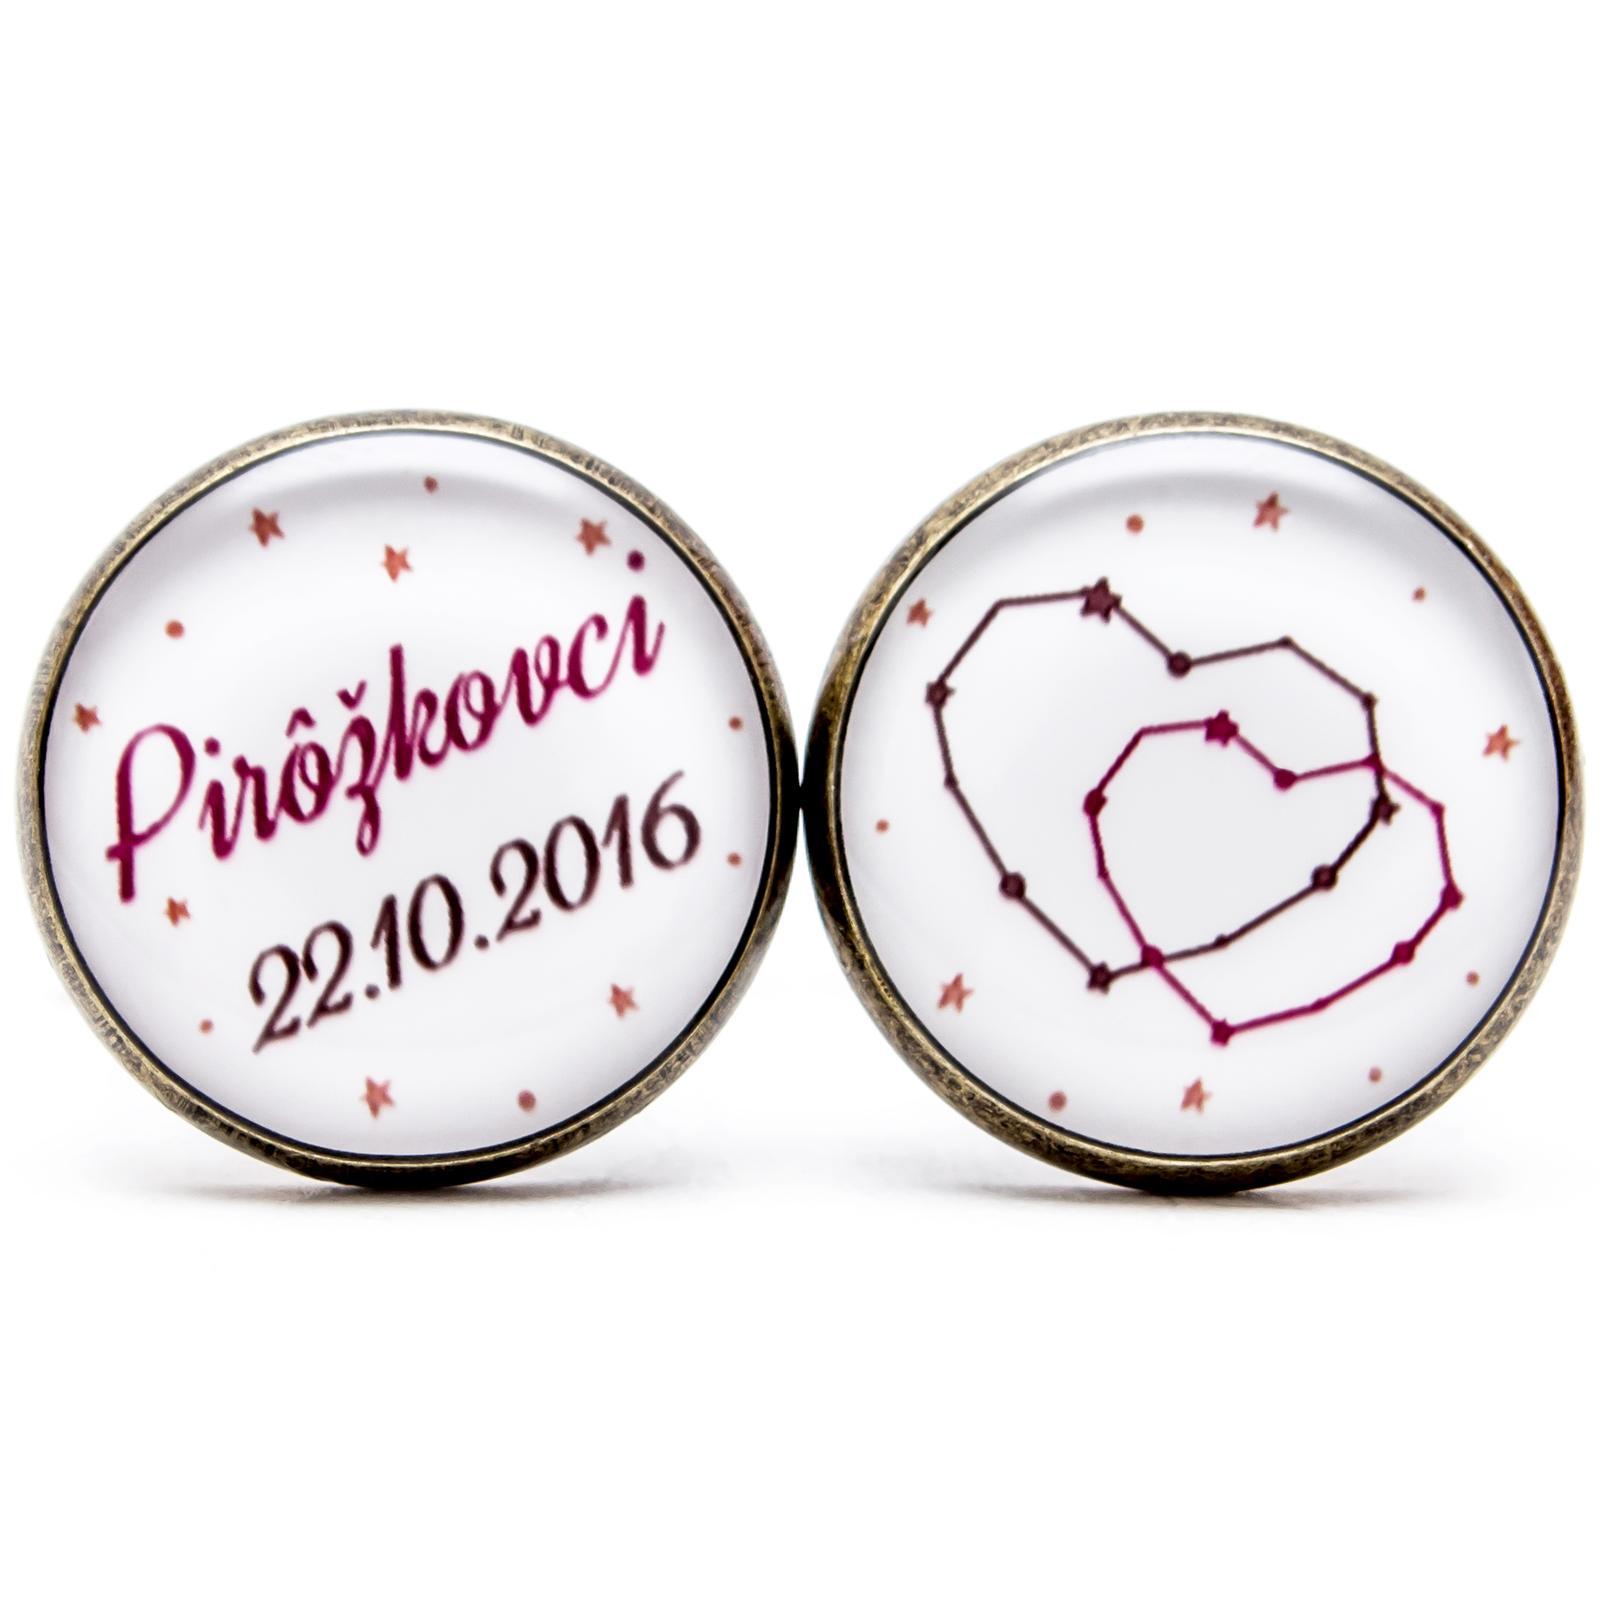 ♥  Manžetové gombíky na mieru - presne podľa Tvojich predstáv ♥ - Láska nebeská